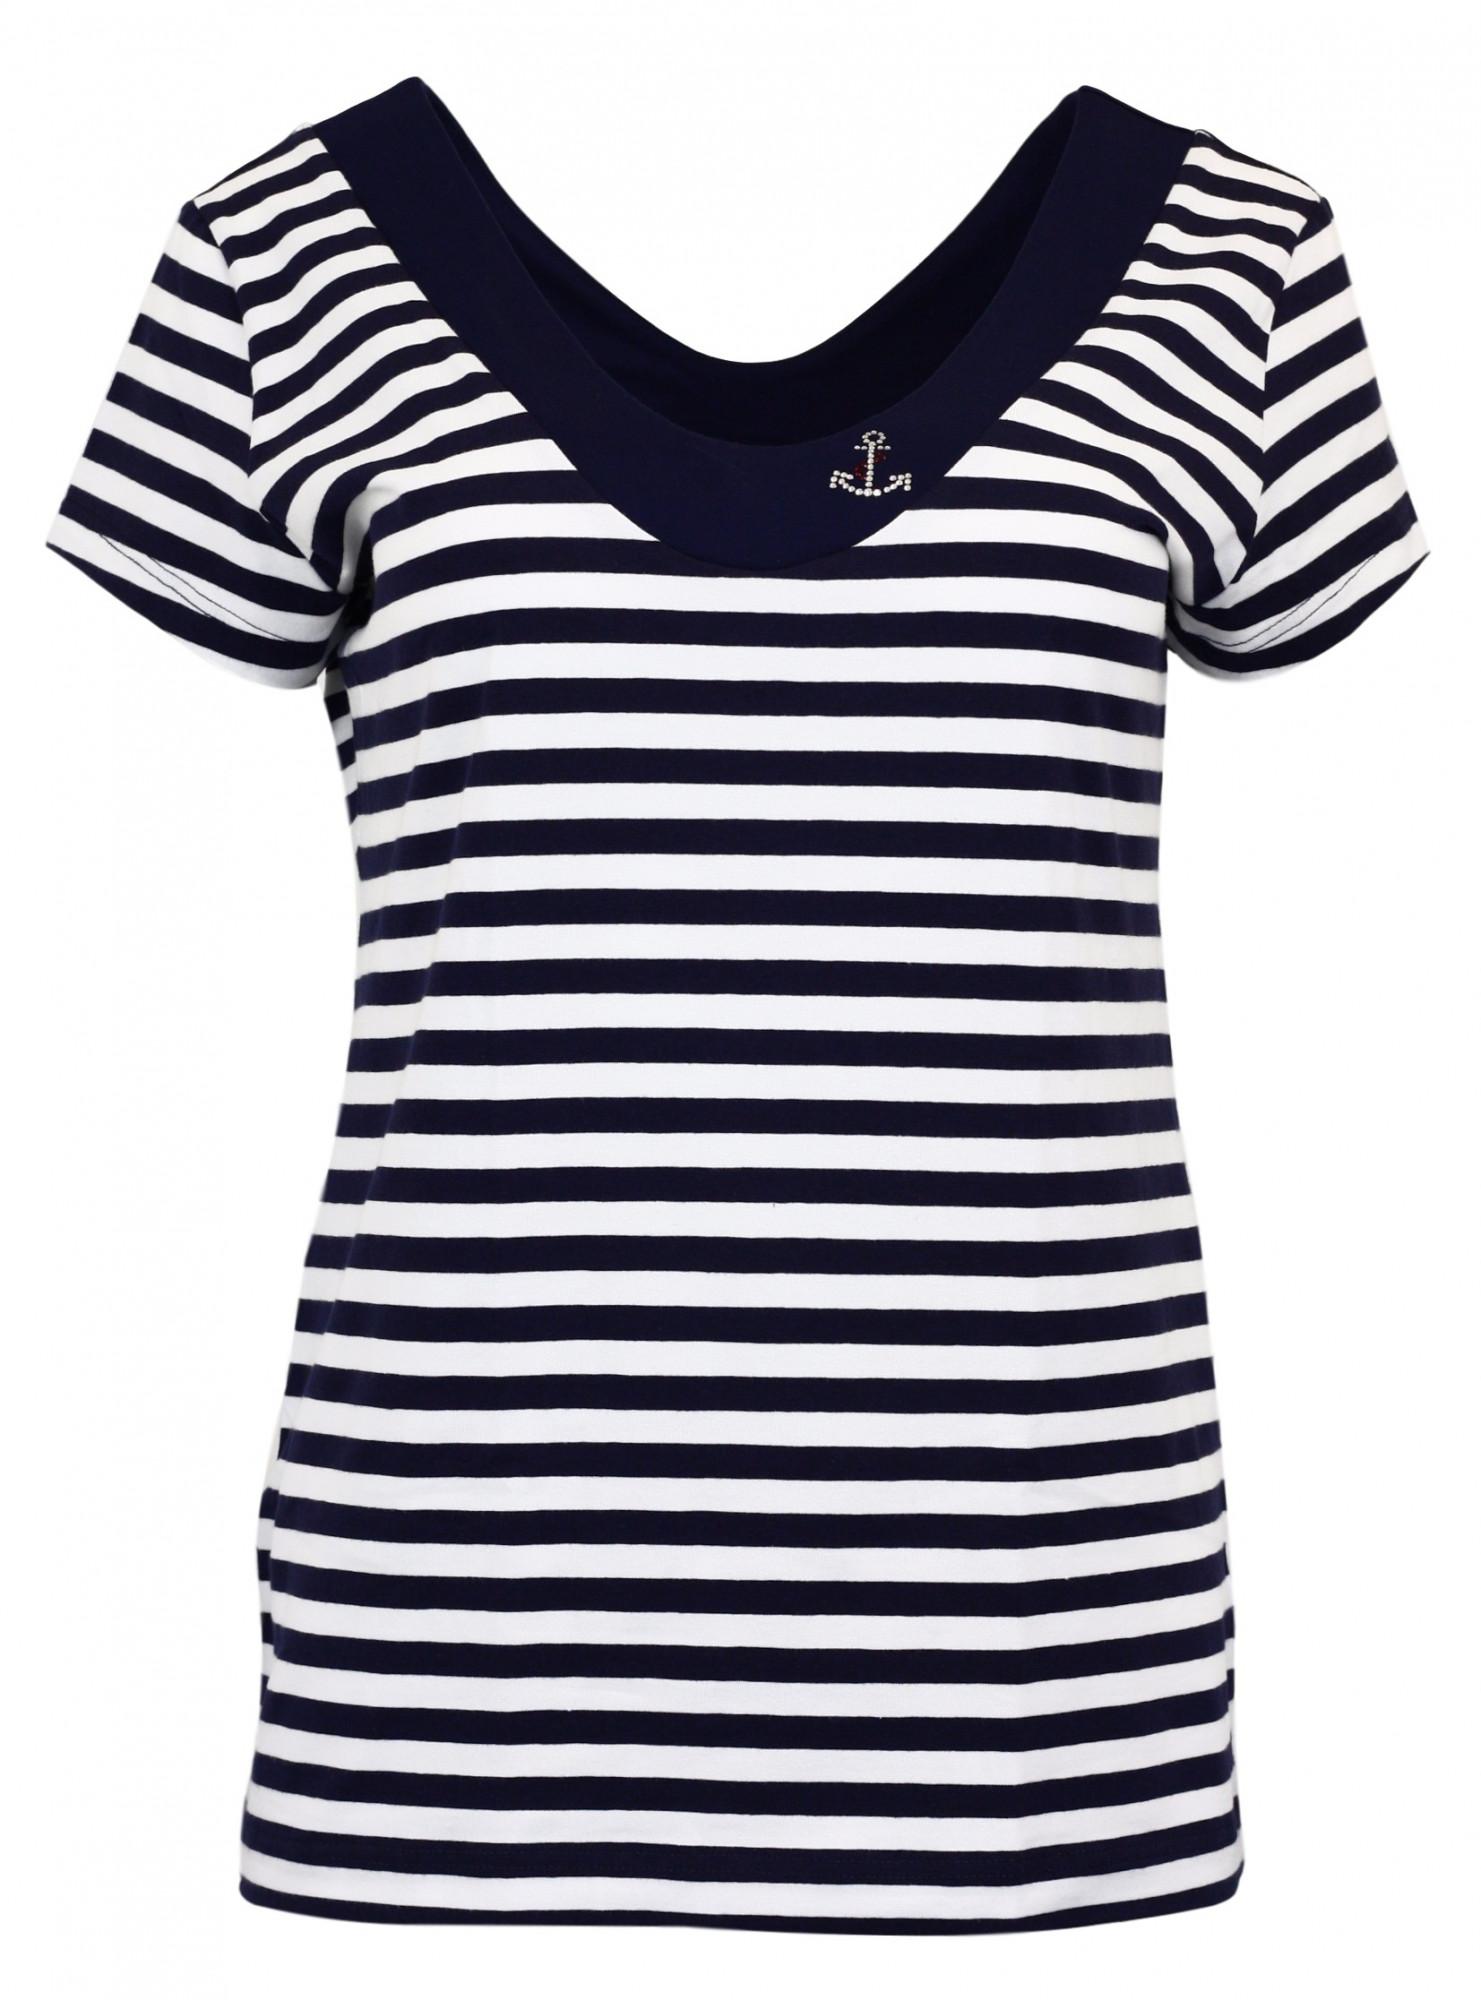 Dámské tričko Průžok Cajana KR SW Kotva - modrobílá - Favab modro-bílá S